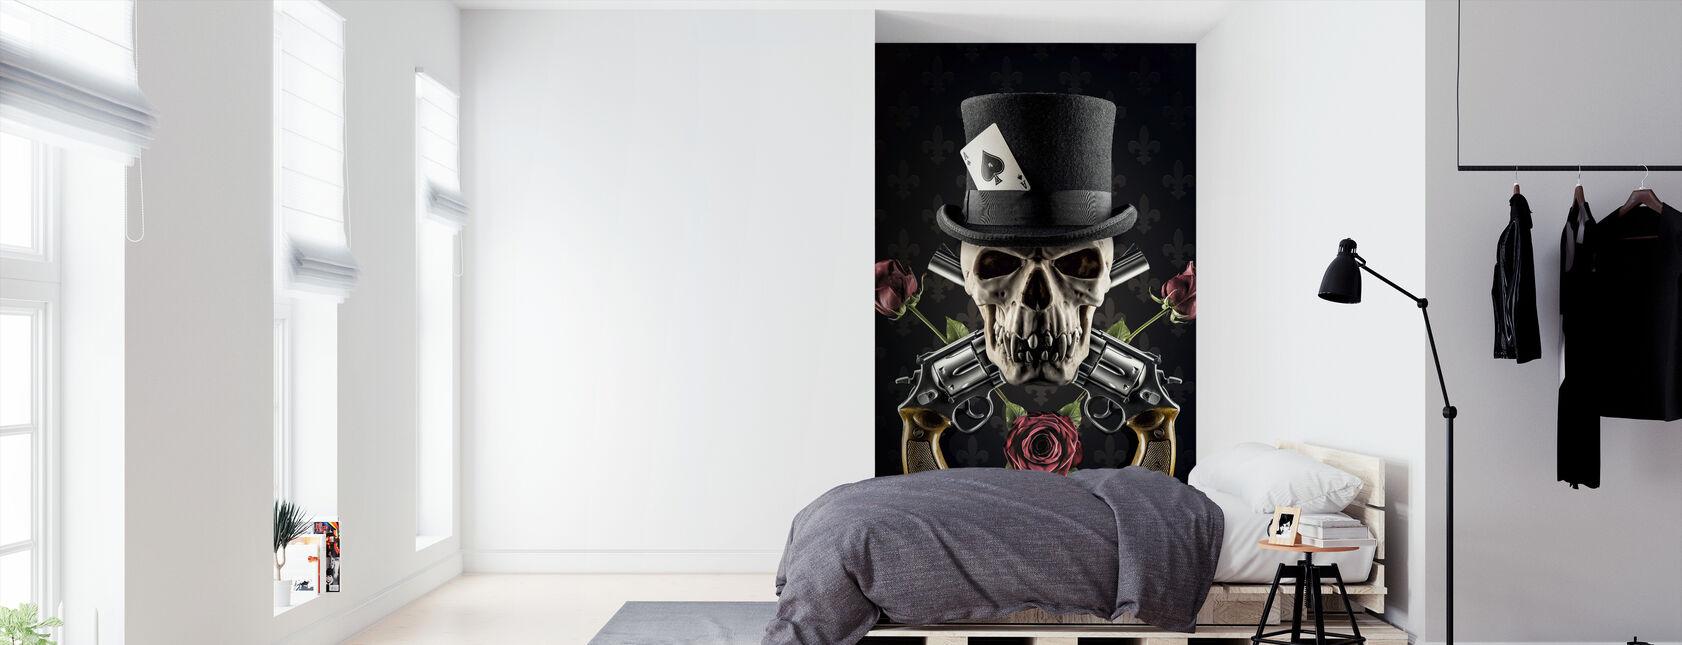 Revolver and Skull - Wallpaper - Bedroom